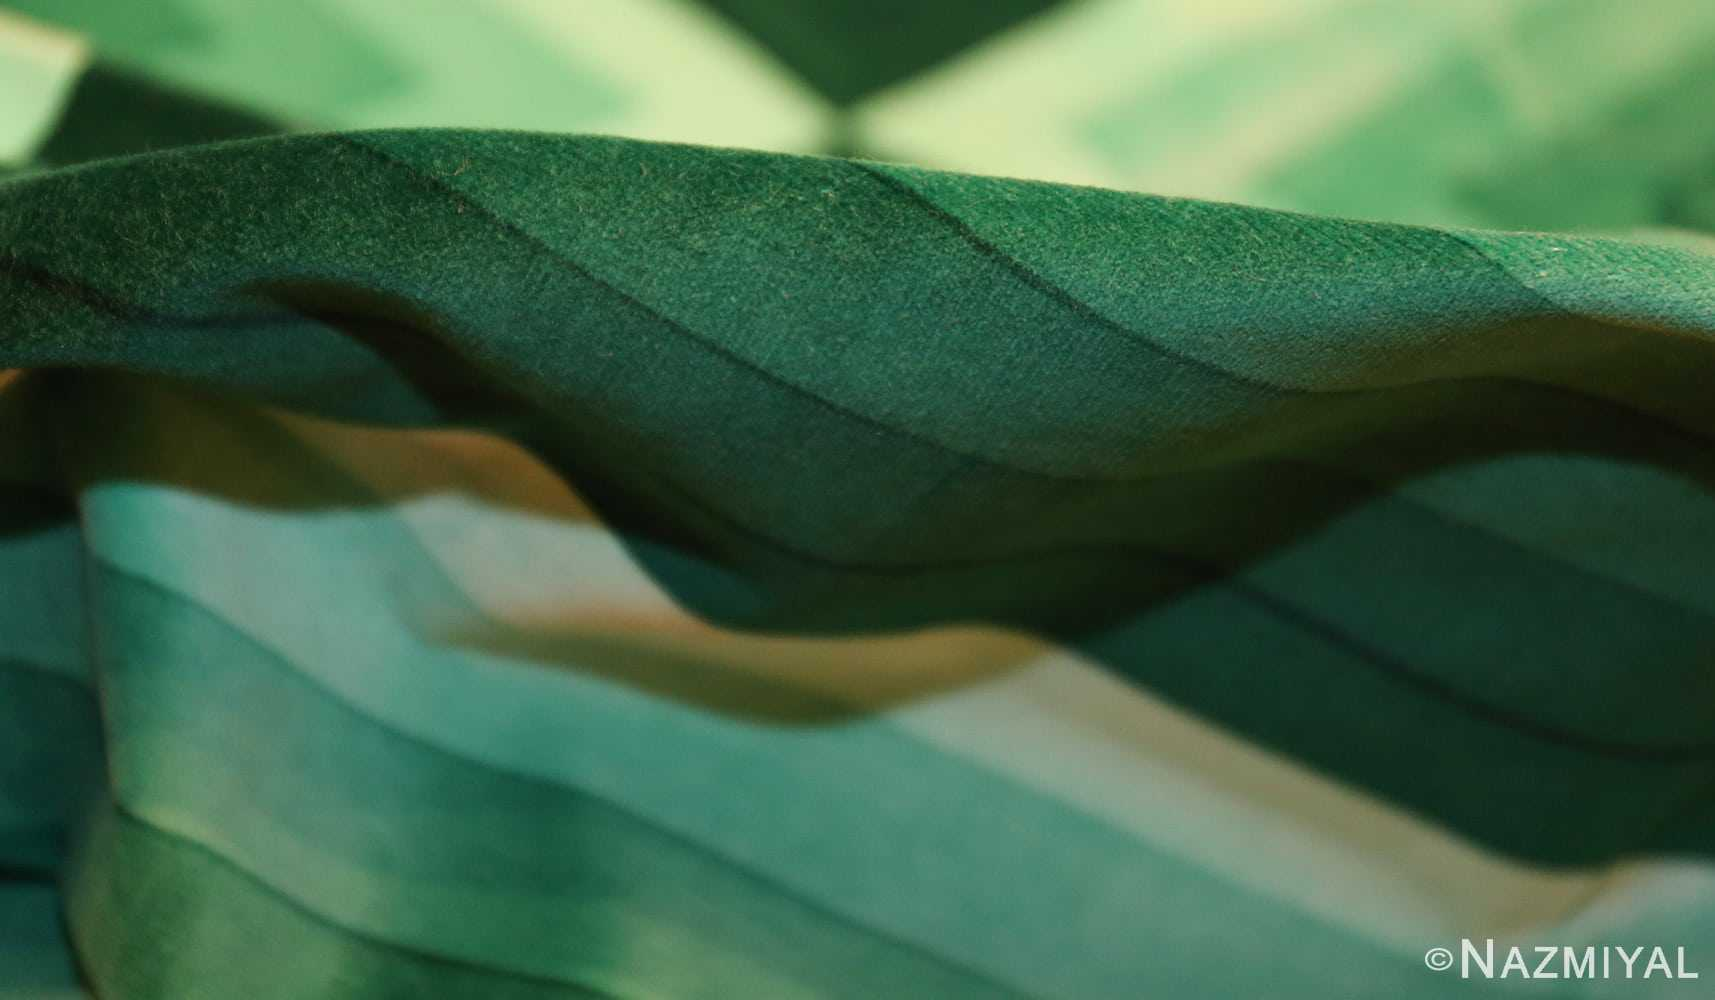 vintage green quadrat verner panton textile 47731 pile Nazmiyal